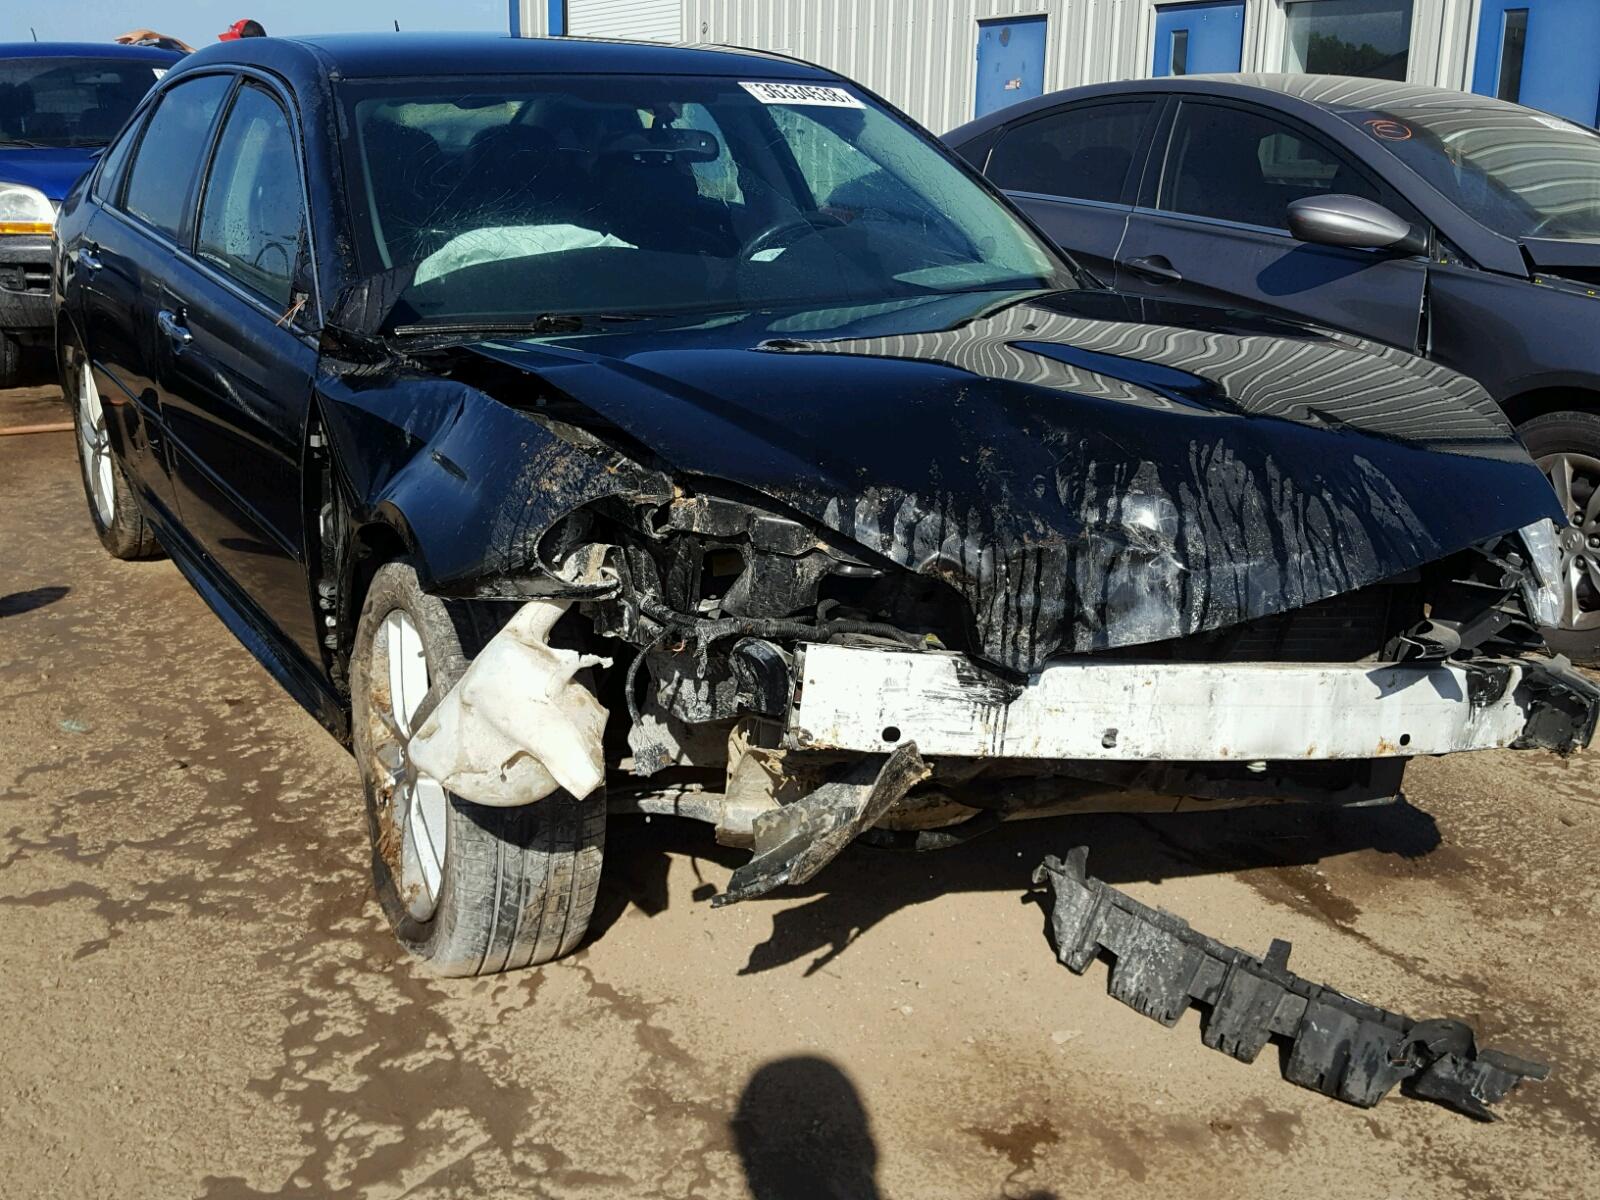 2011 Chevrolet Impala LTZ for sale at Copart Louisville KY Lot